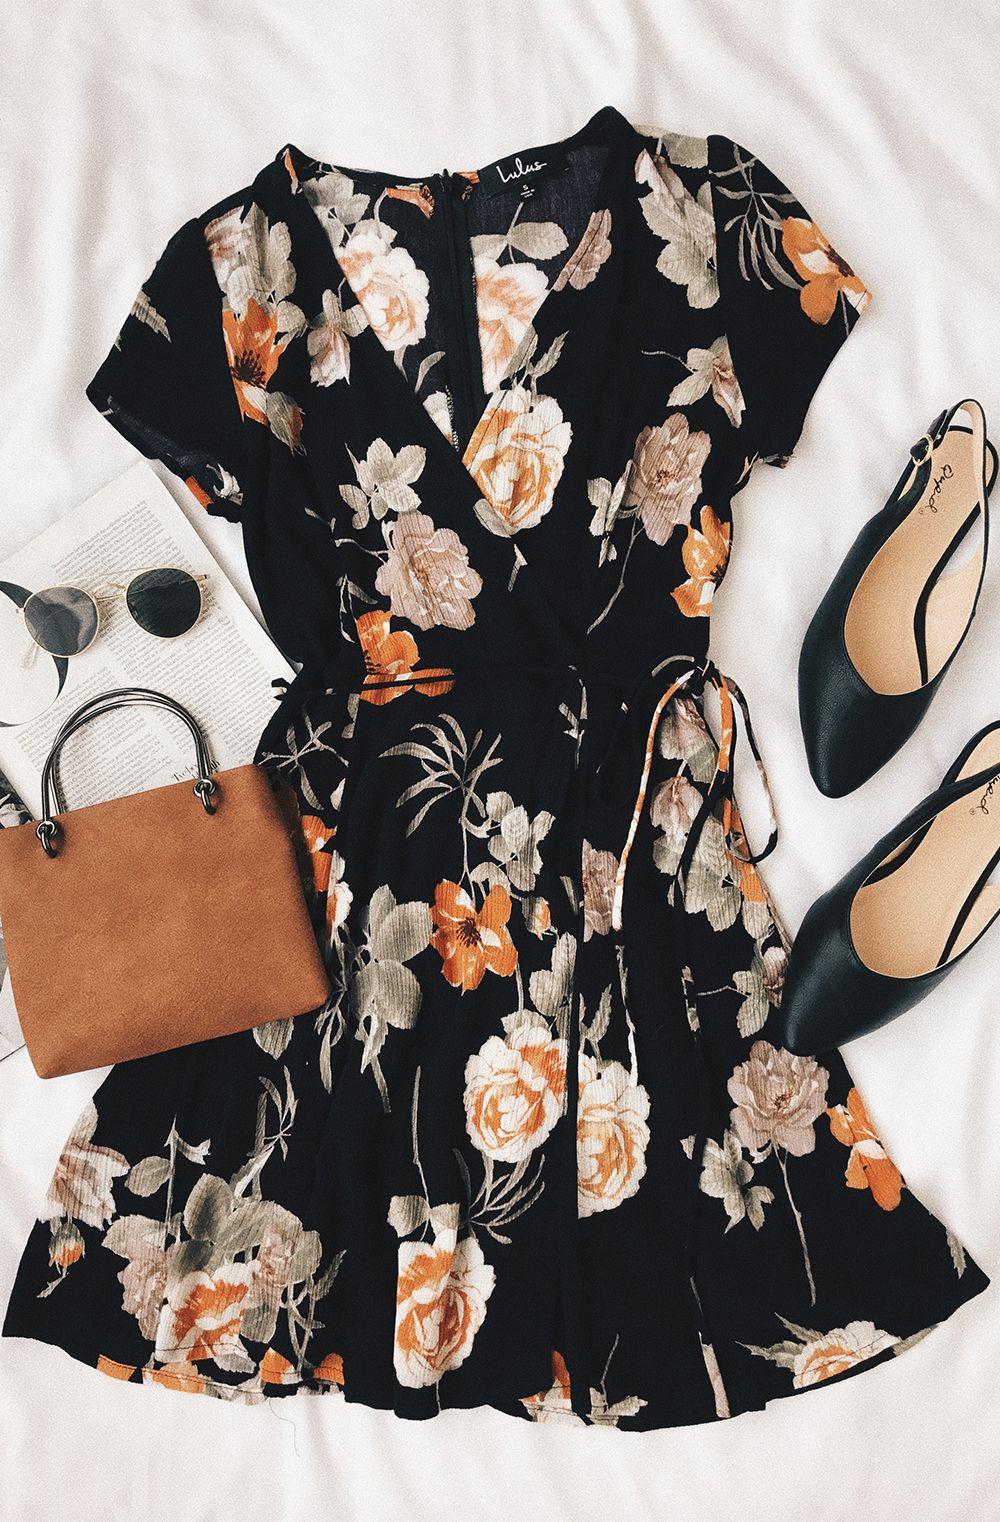 bf625990a93c9 Picturesque Love Black Floral Print Wrap Dress   Kates Closet ...